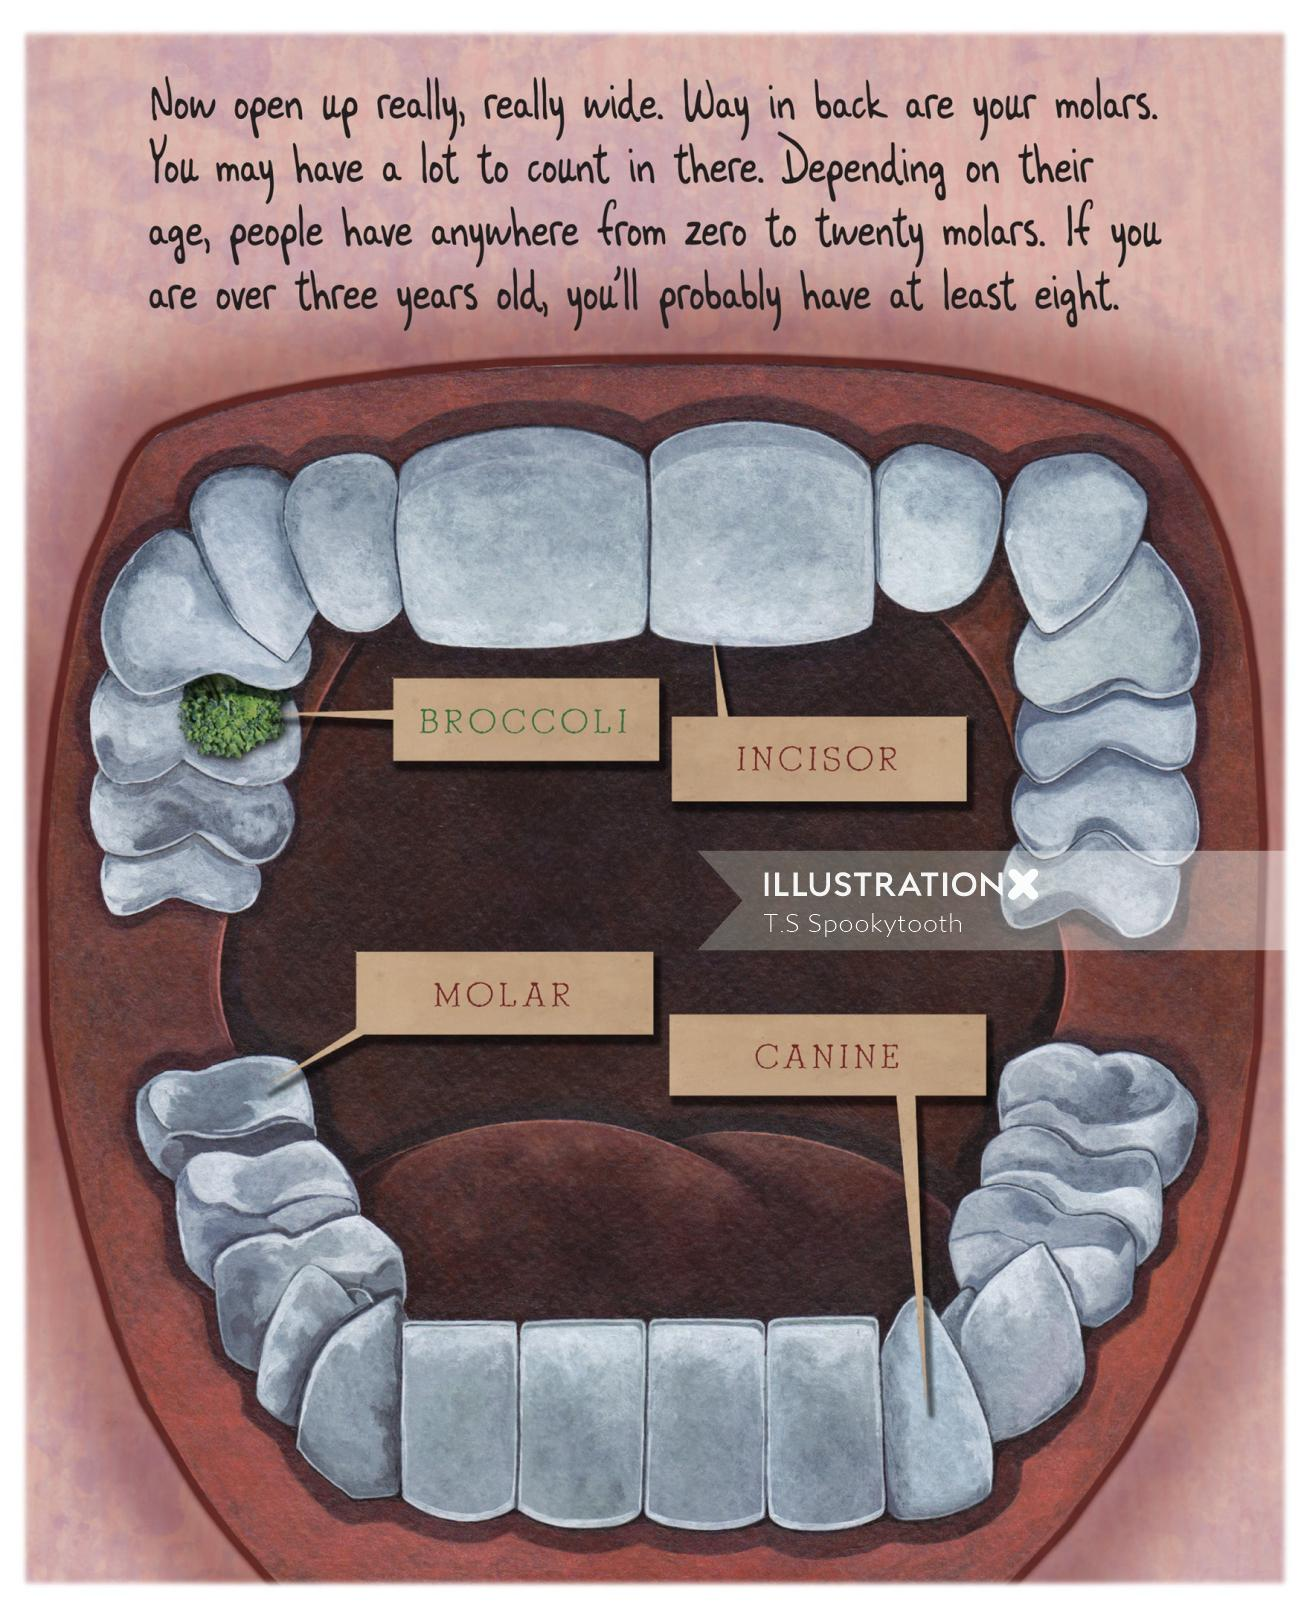 Dental illustration for children's book